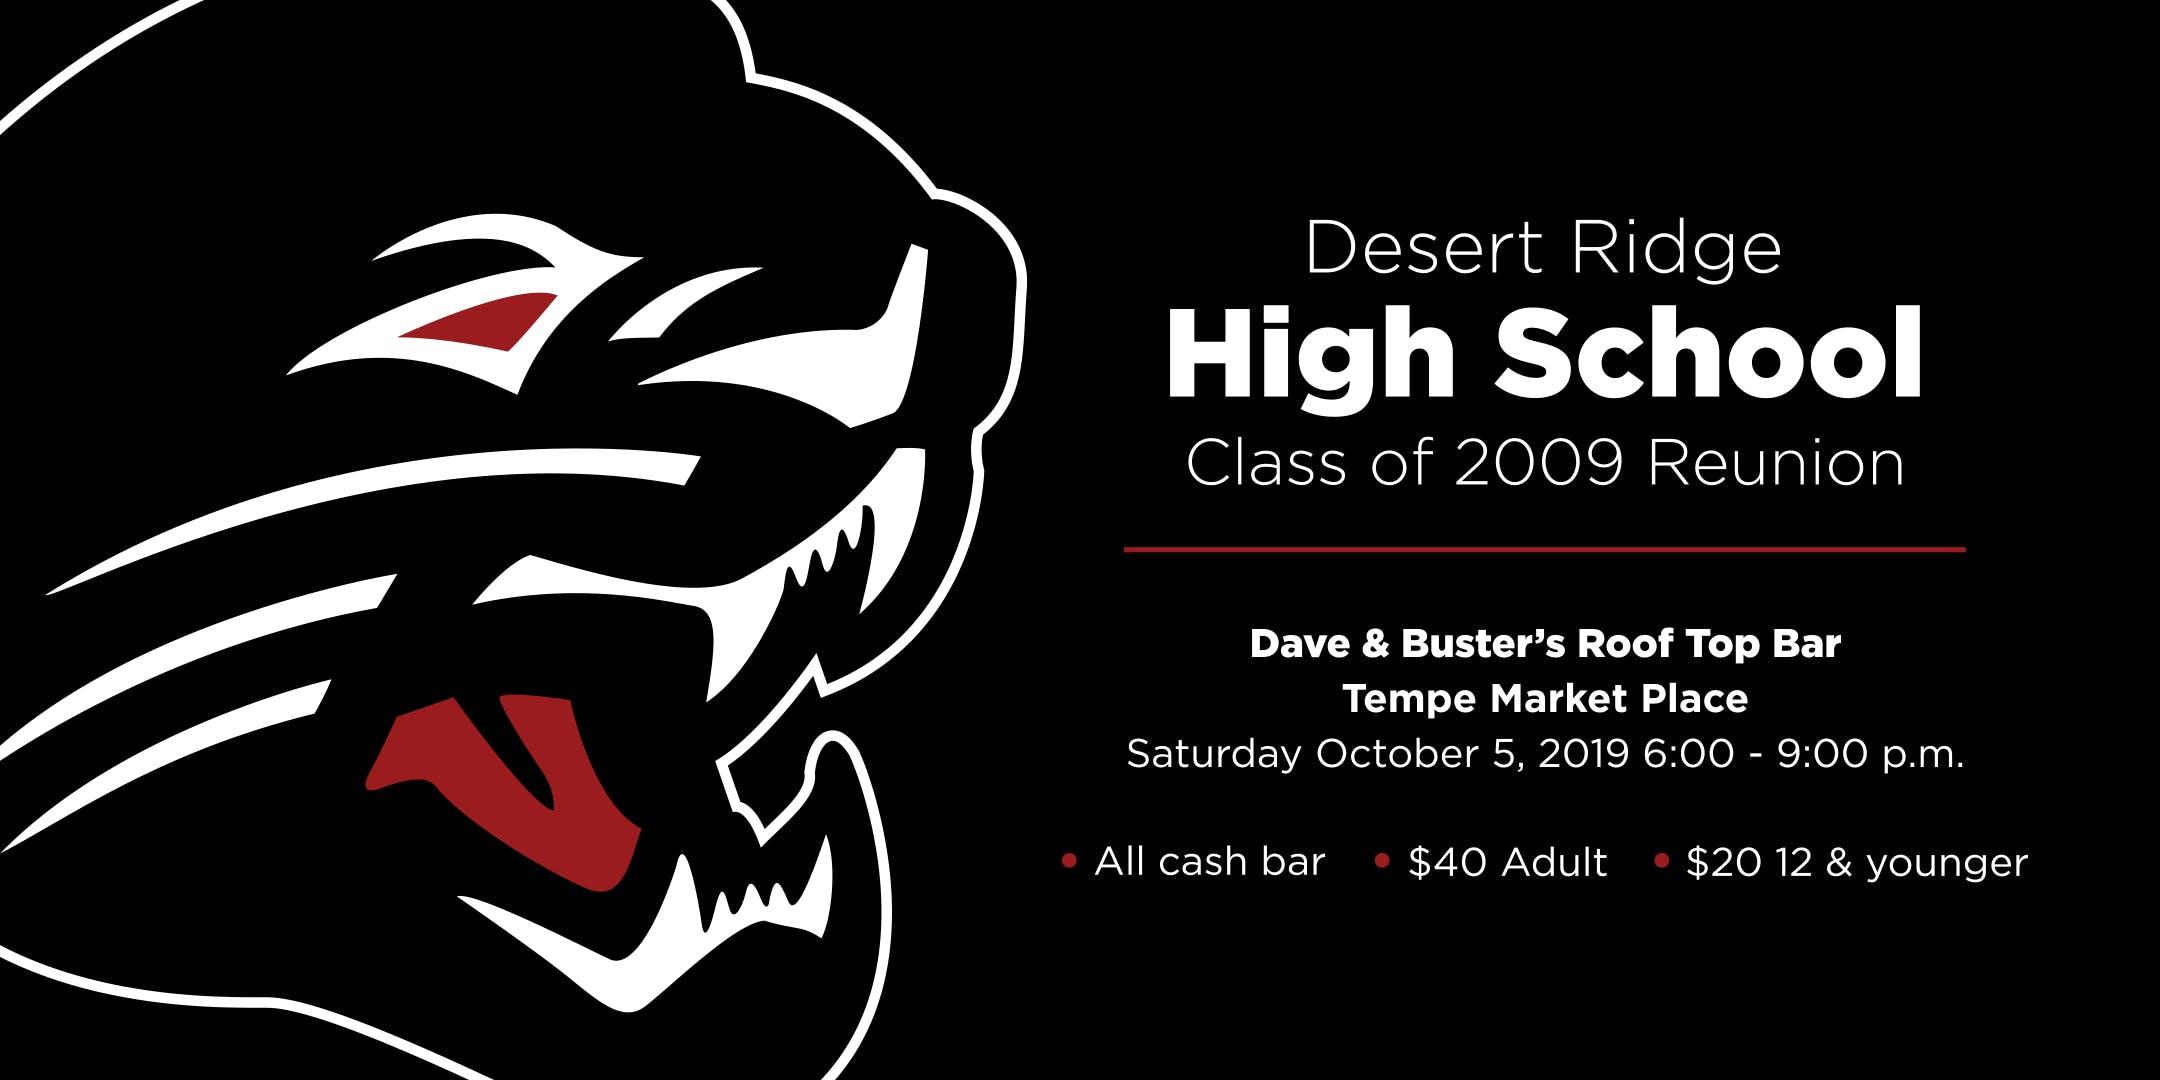 Desert Ridge High School Class of 2009 Reunion